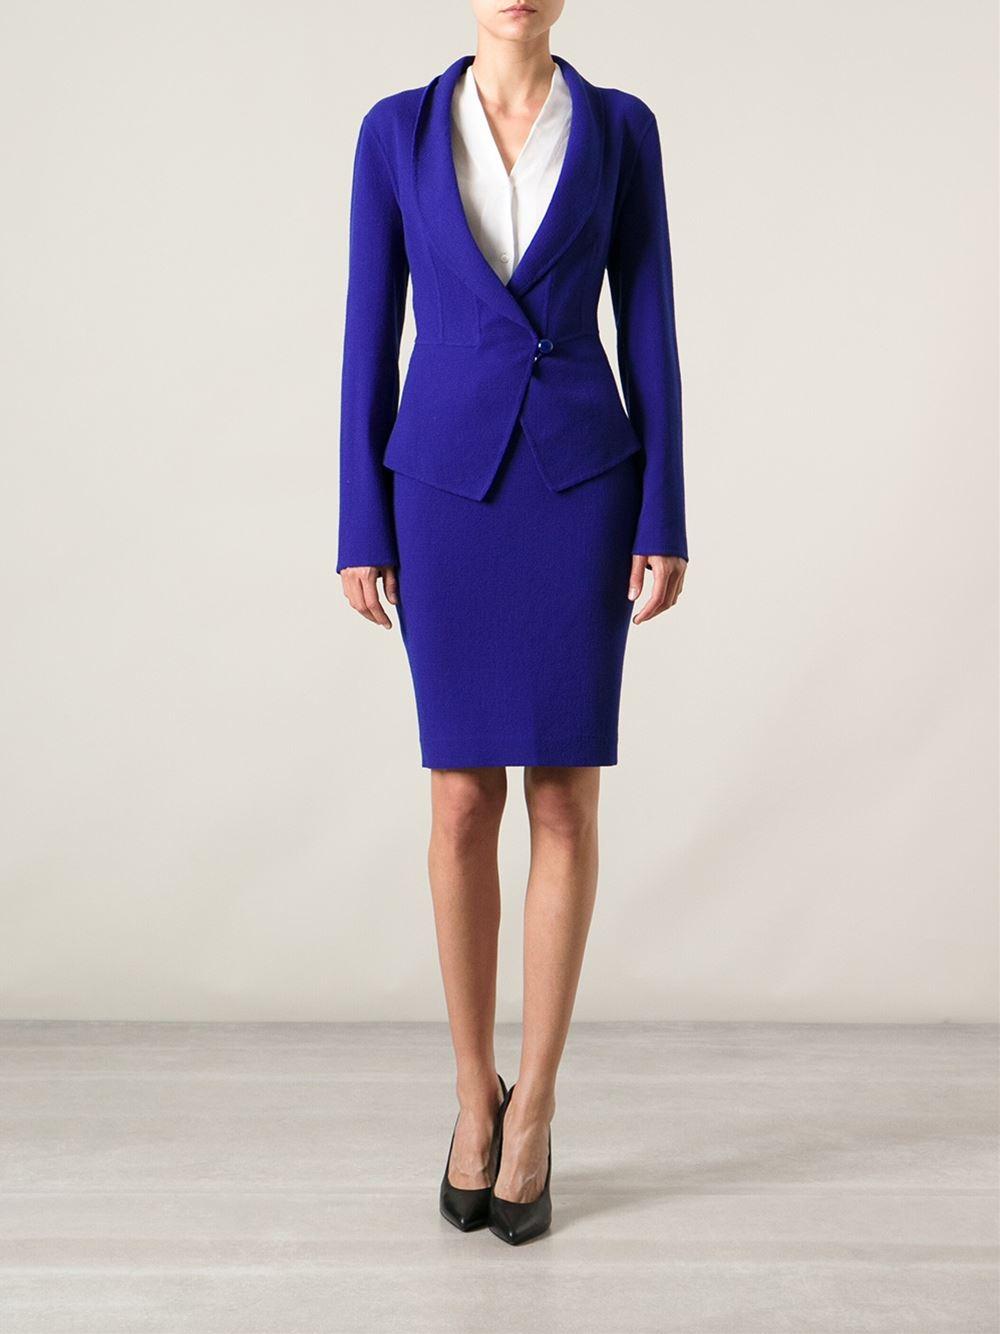 Armani Workwear 16-17